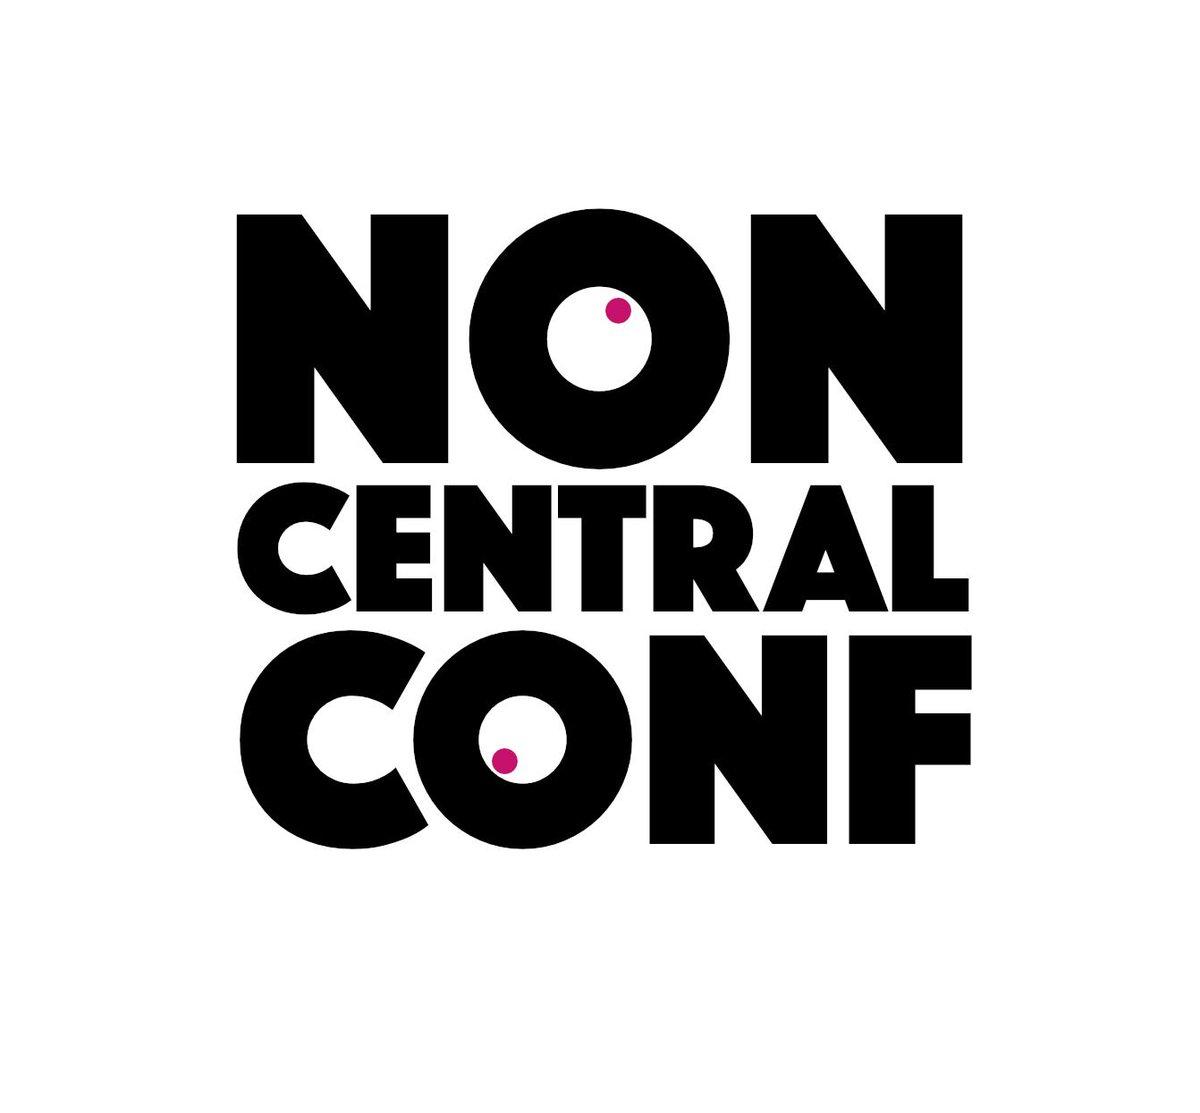 (1/2) ¡¡Hola!! Sólo deciros q la NON Agenda de la NON Conf ha sido actualizada con nuevos speakfriends, y más cambios que habrá! Esperamos ver a much@s de vosotr@s por allí para celebrar la noche de SanJuantoshi y disfrutar de un criptofinde inolvidable. ¡No os vais a arrepentir! pic.twitter.com/cLysdkllBp